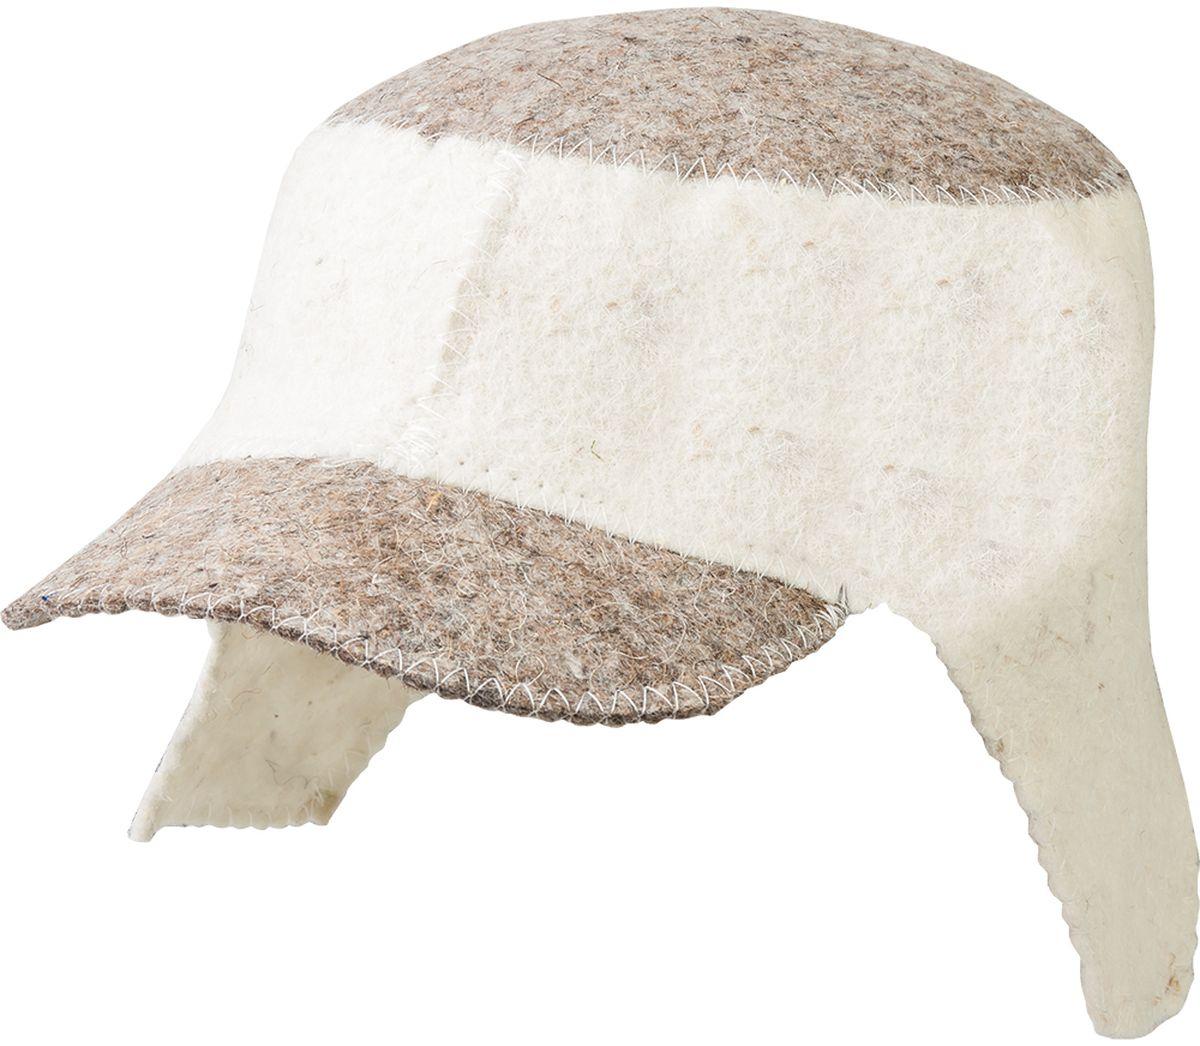 Шапка для бани и сауны Hot Pot Кепка КомбиБ1601Шапка для бани и сауны Hot Pot — это необходимый аксессуар при посещении парной. Такая шапка защитит от головокружения и перегрева головы, а также предотвратит ломкость и сухость волос. Изделие замечательно впитывает влагу, хорошо сидит на голове, обеспечивает комфорт и удовольствие от отдыха в парилке. Незаменима в традиционной русской бане, также используется в финских саунах, где температура сухого воздуха может достигать 100°С. Шапка выполнена в оригинальном дизайне.